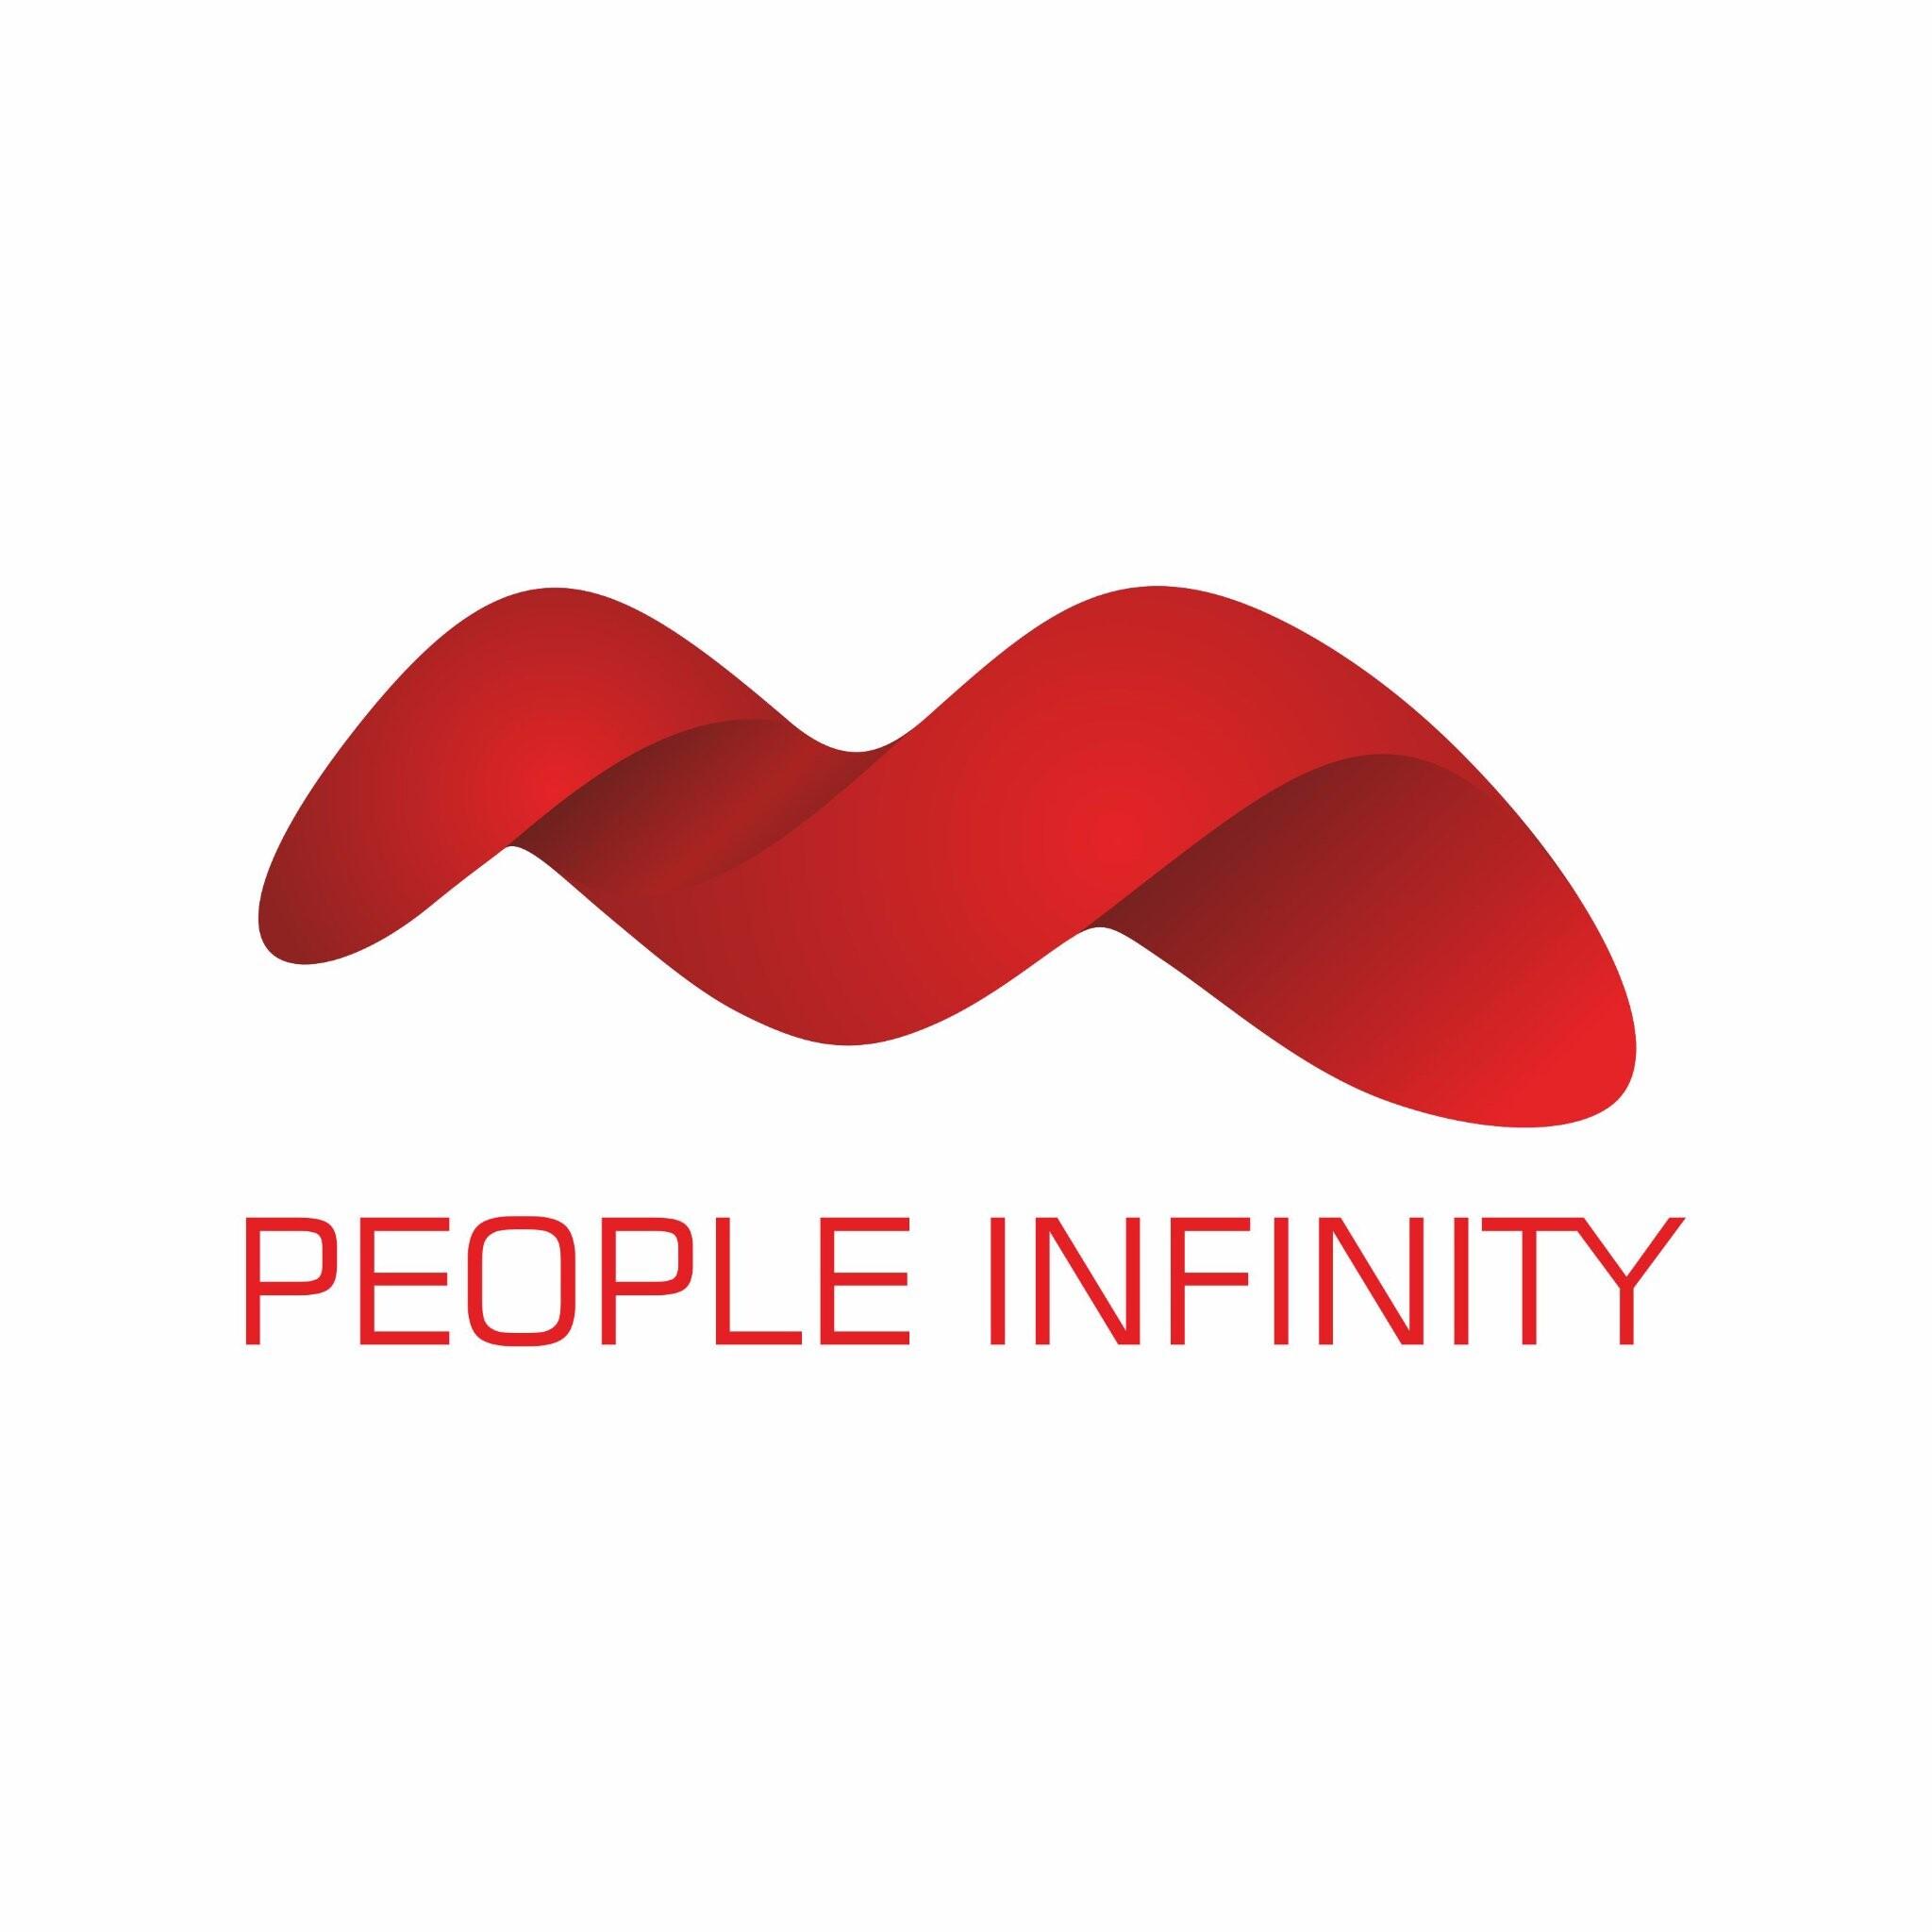 People Infinity